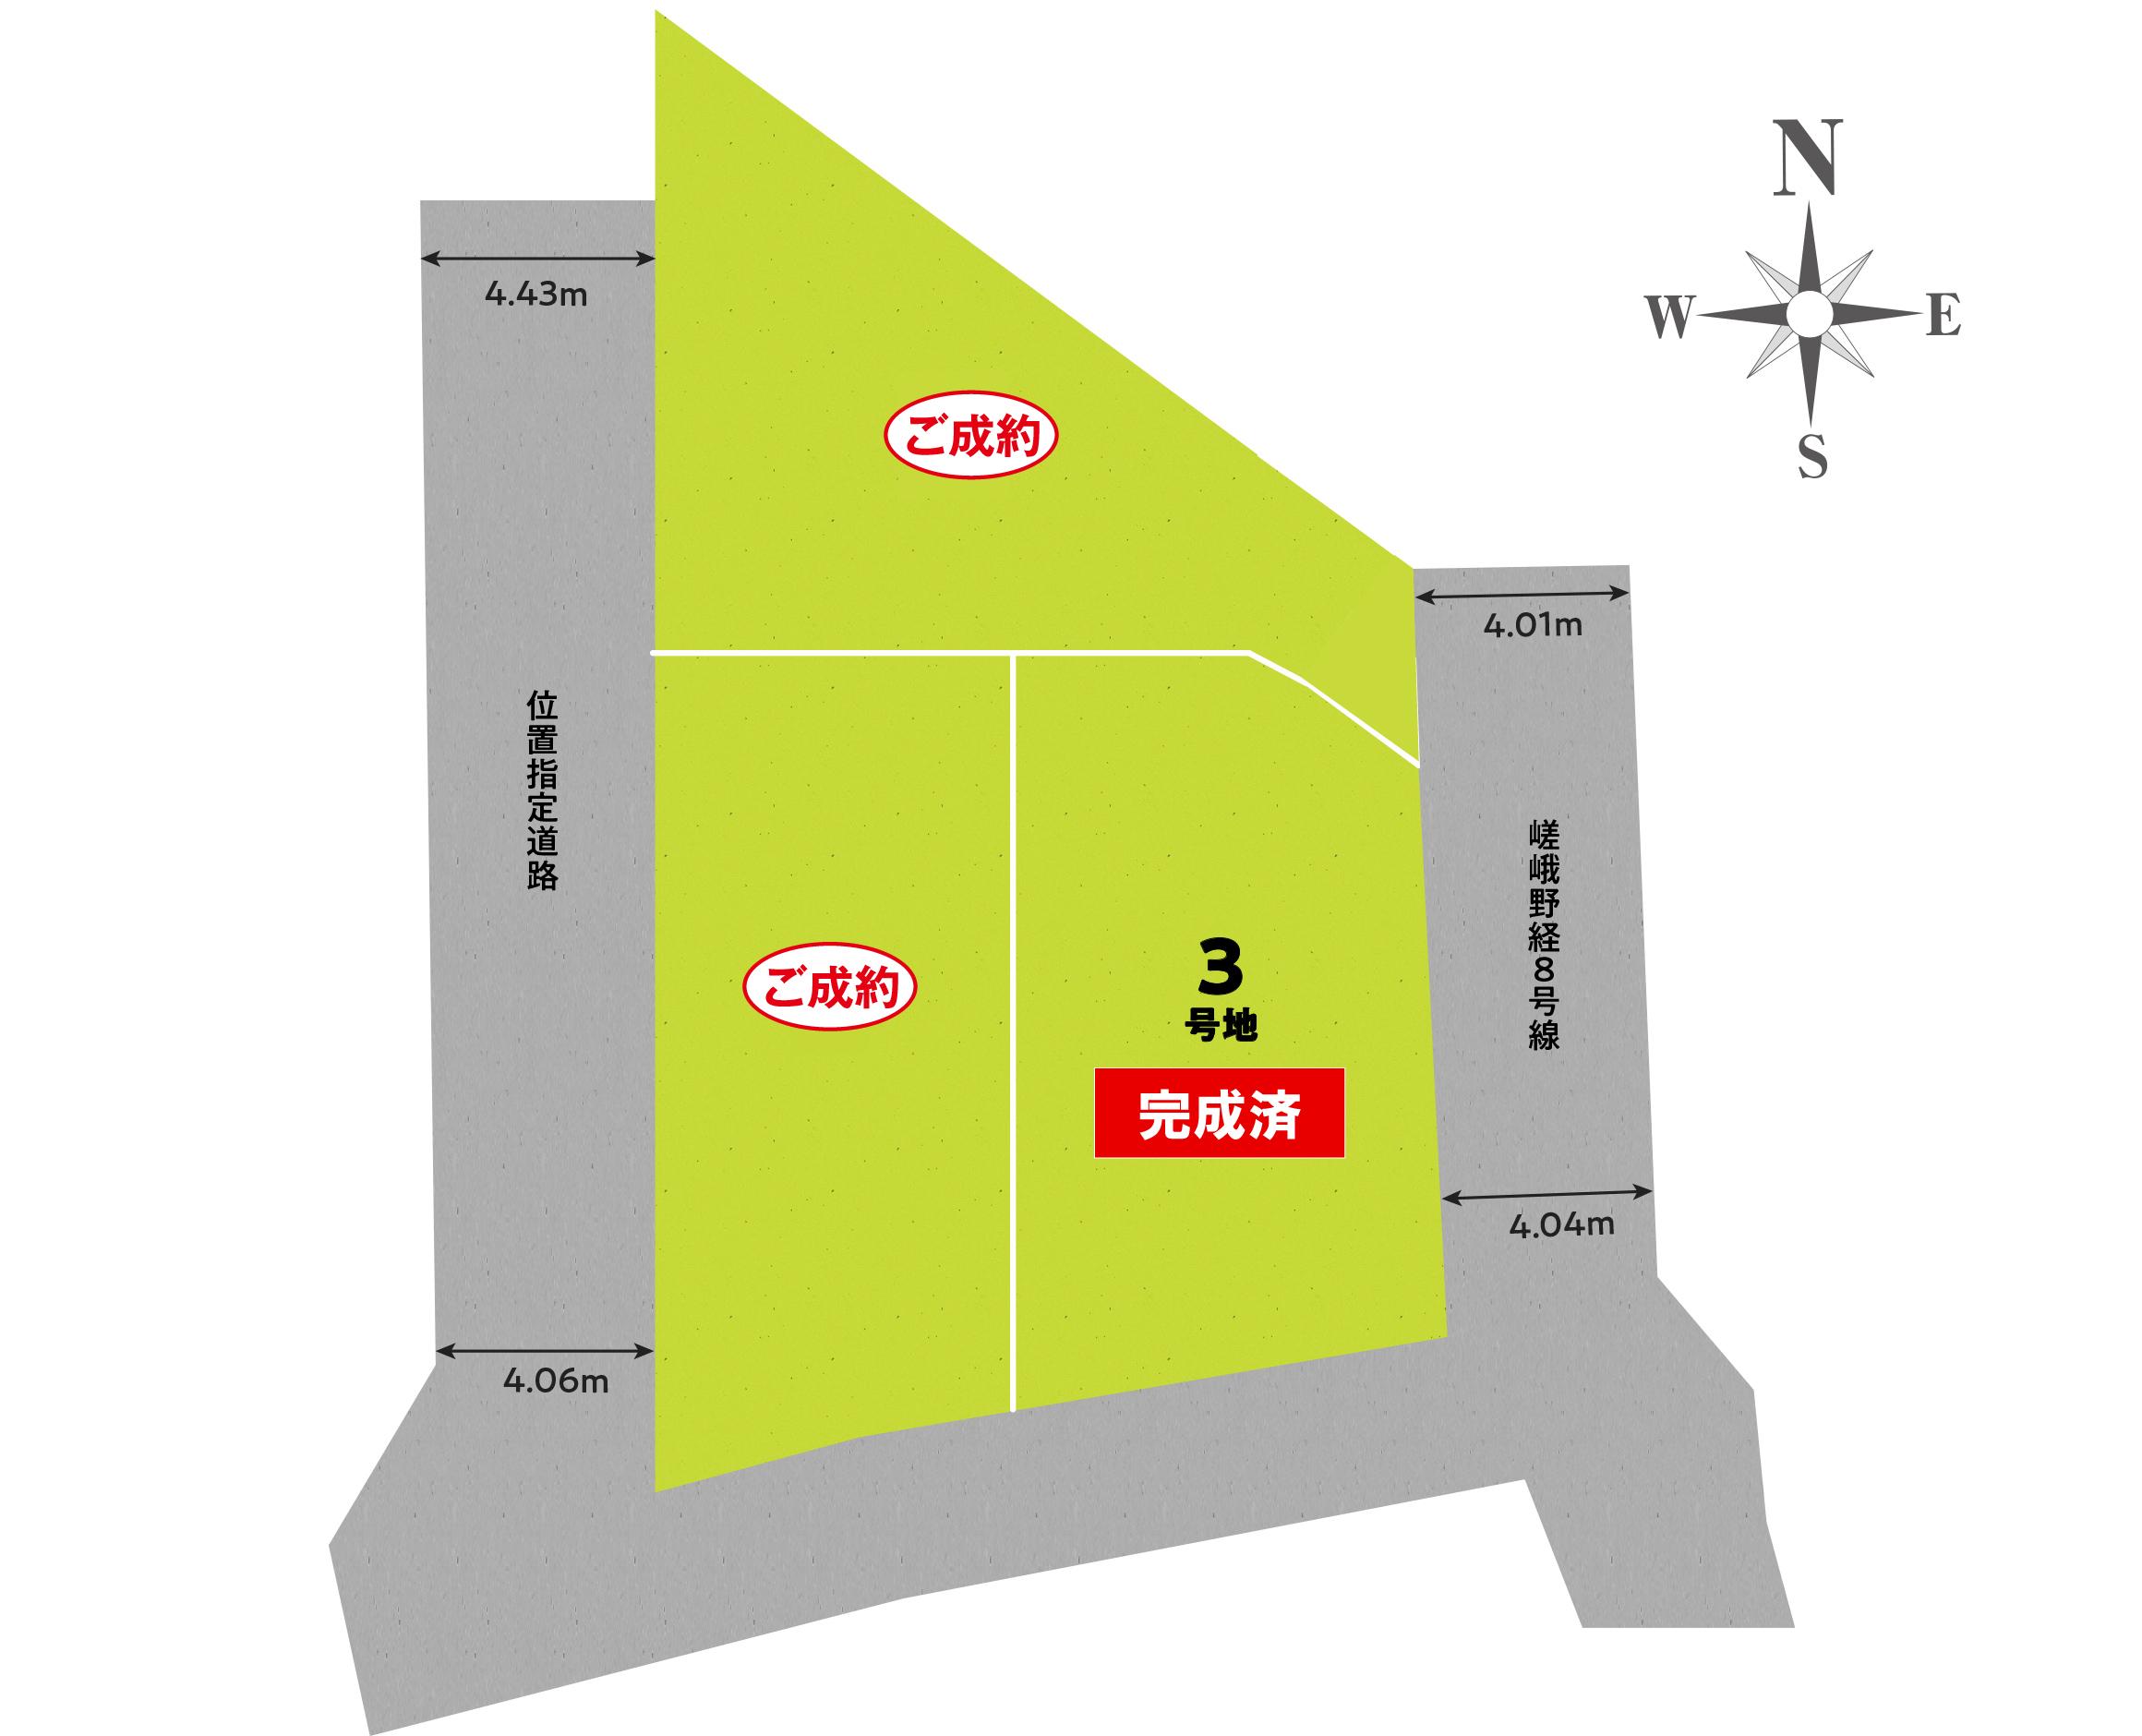 セントフローレンスタウン嵯峨野有栖川町 区画図